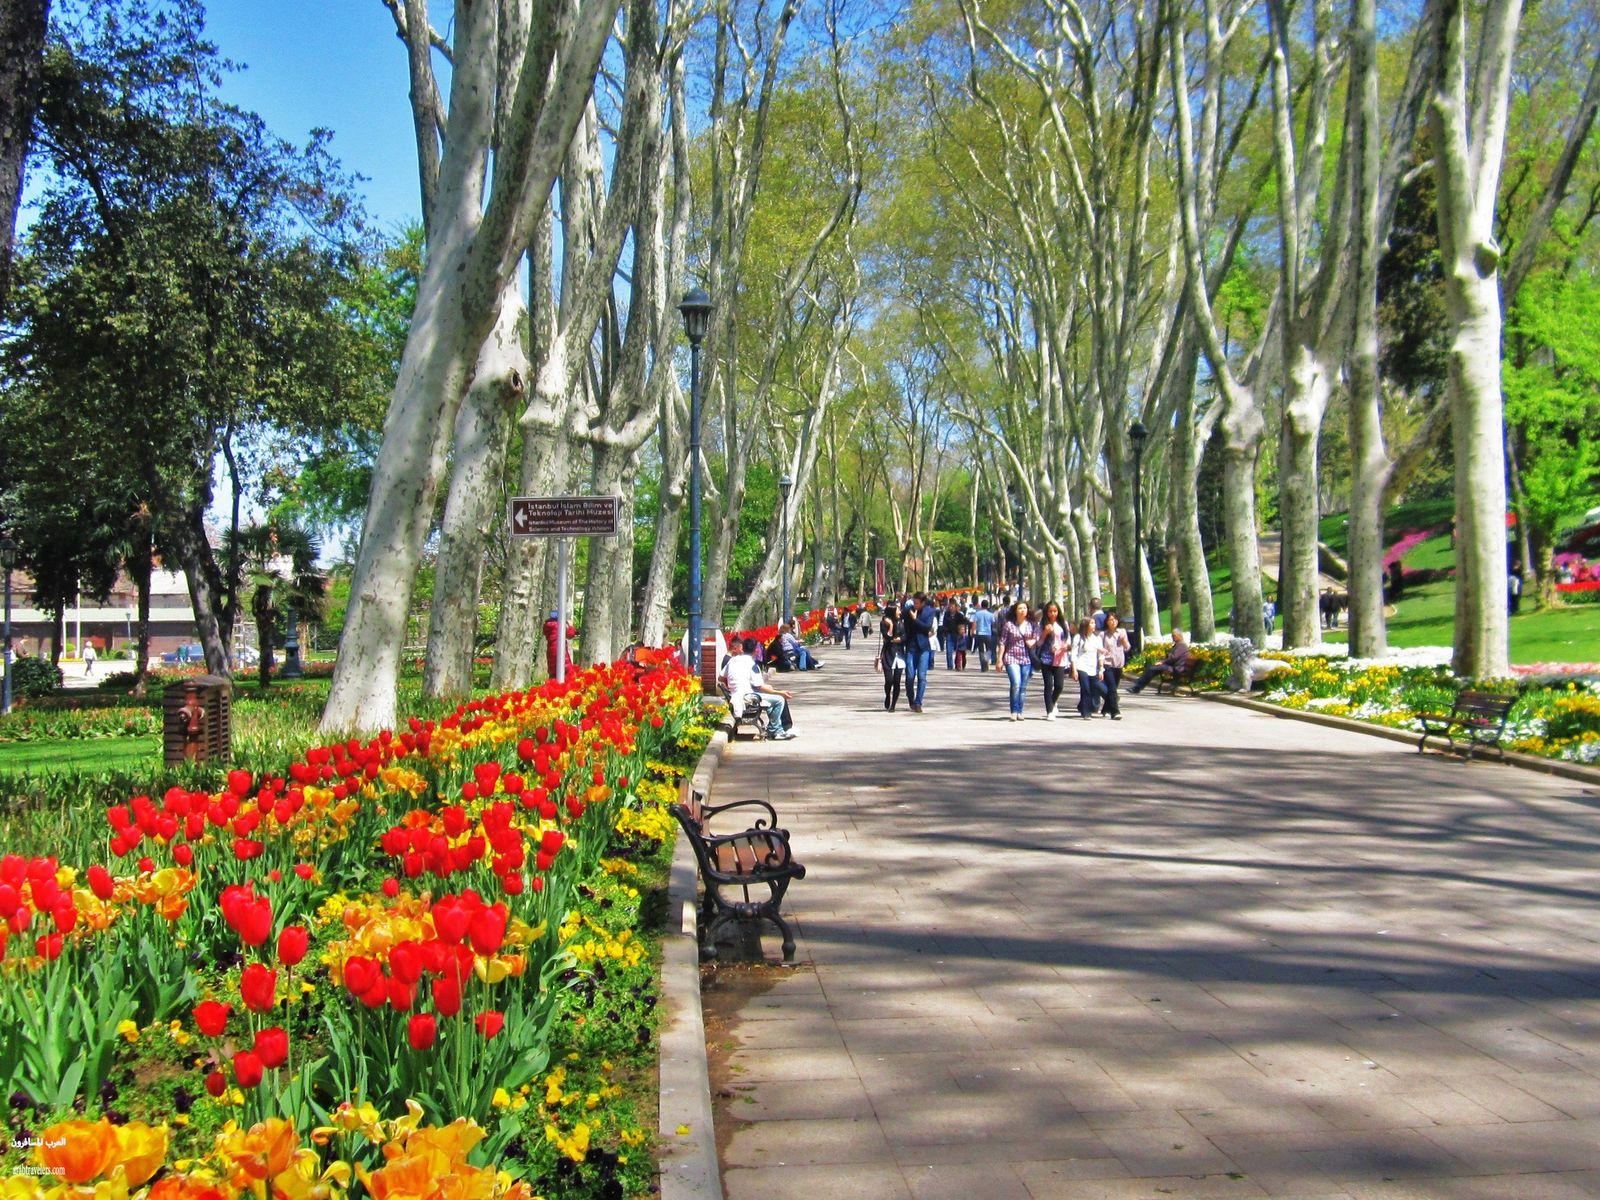 411076 المسافرون العرب اجمل صور حدائق تركيا